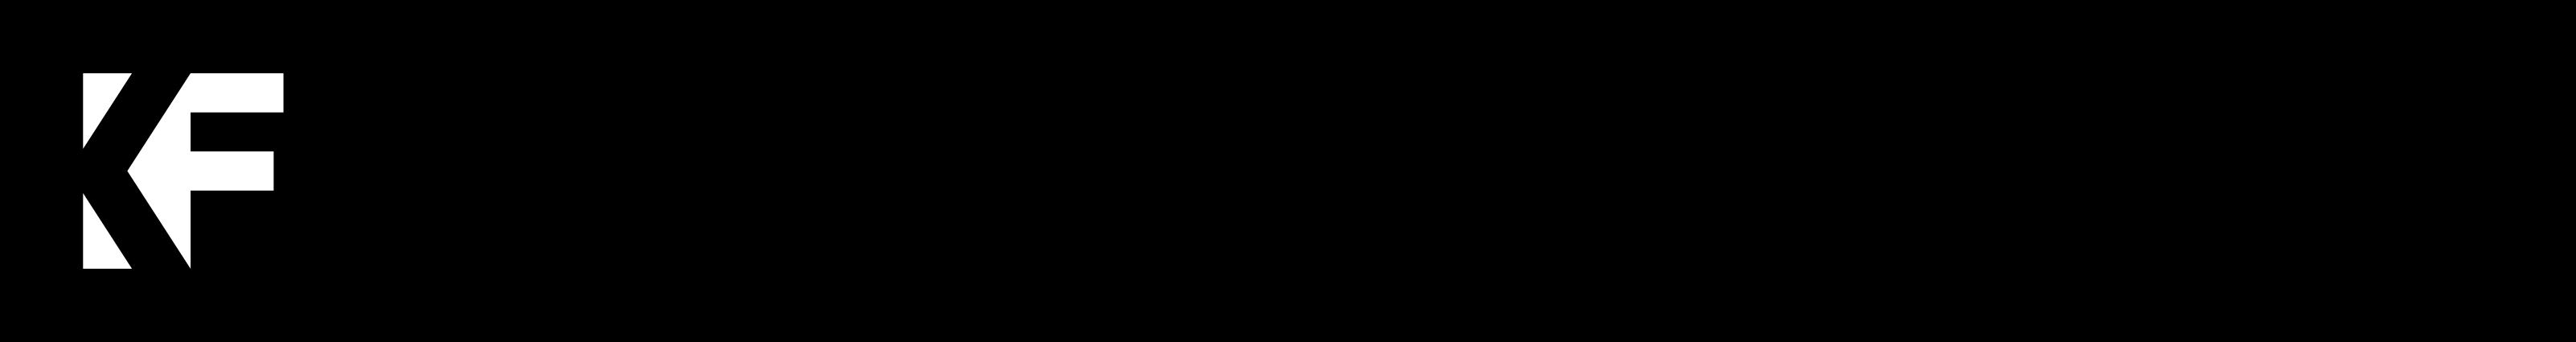 kf_logo-horizontal.png